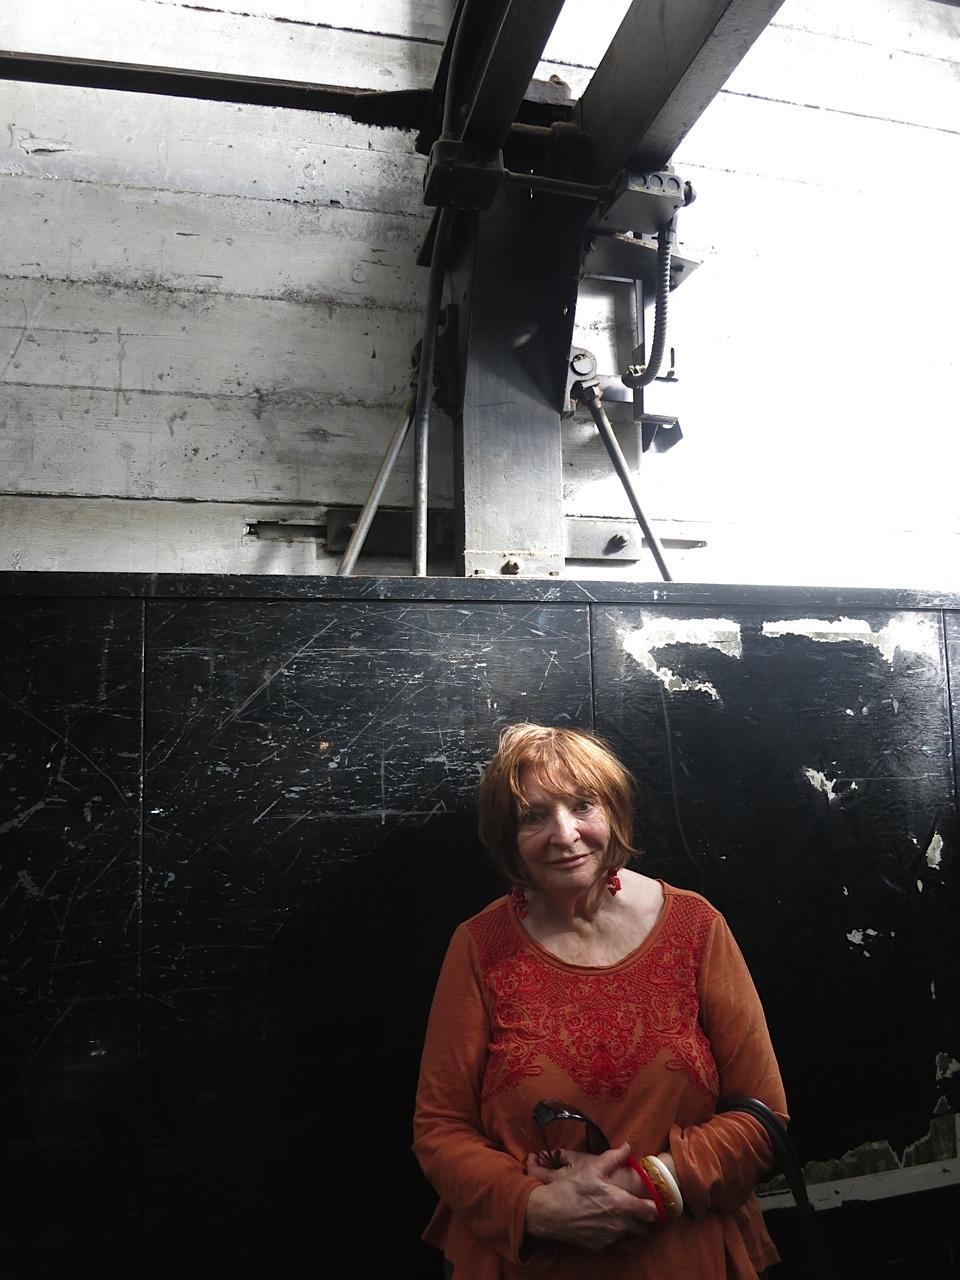 Elaine Badgley Arnoux (image courtesy the artist) (click to enlarge)